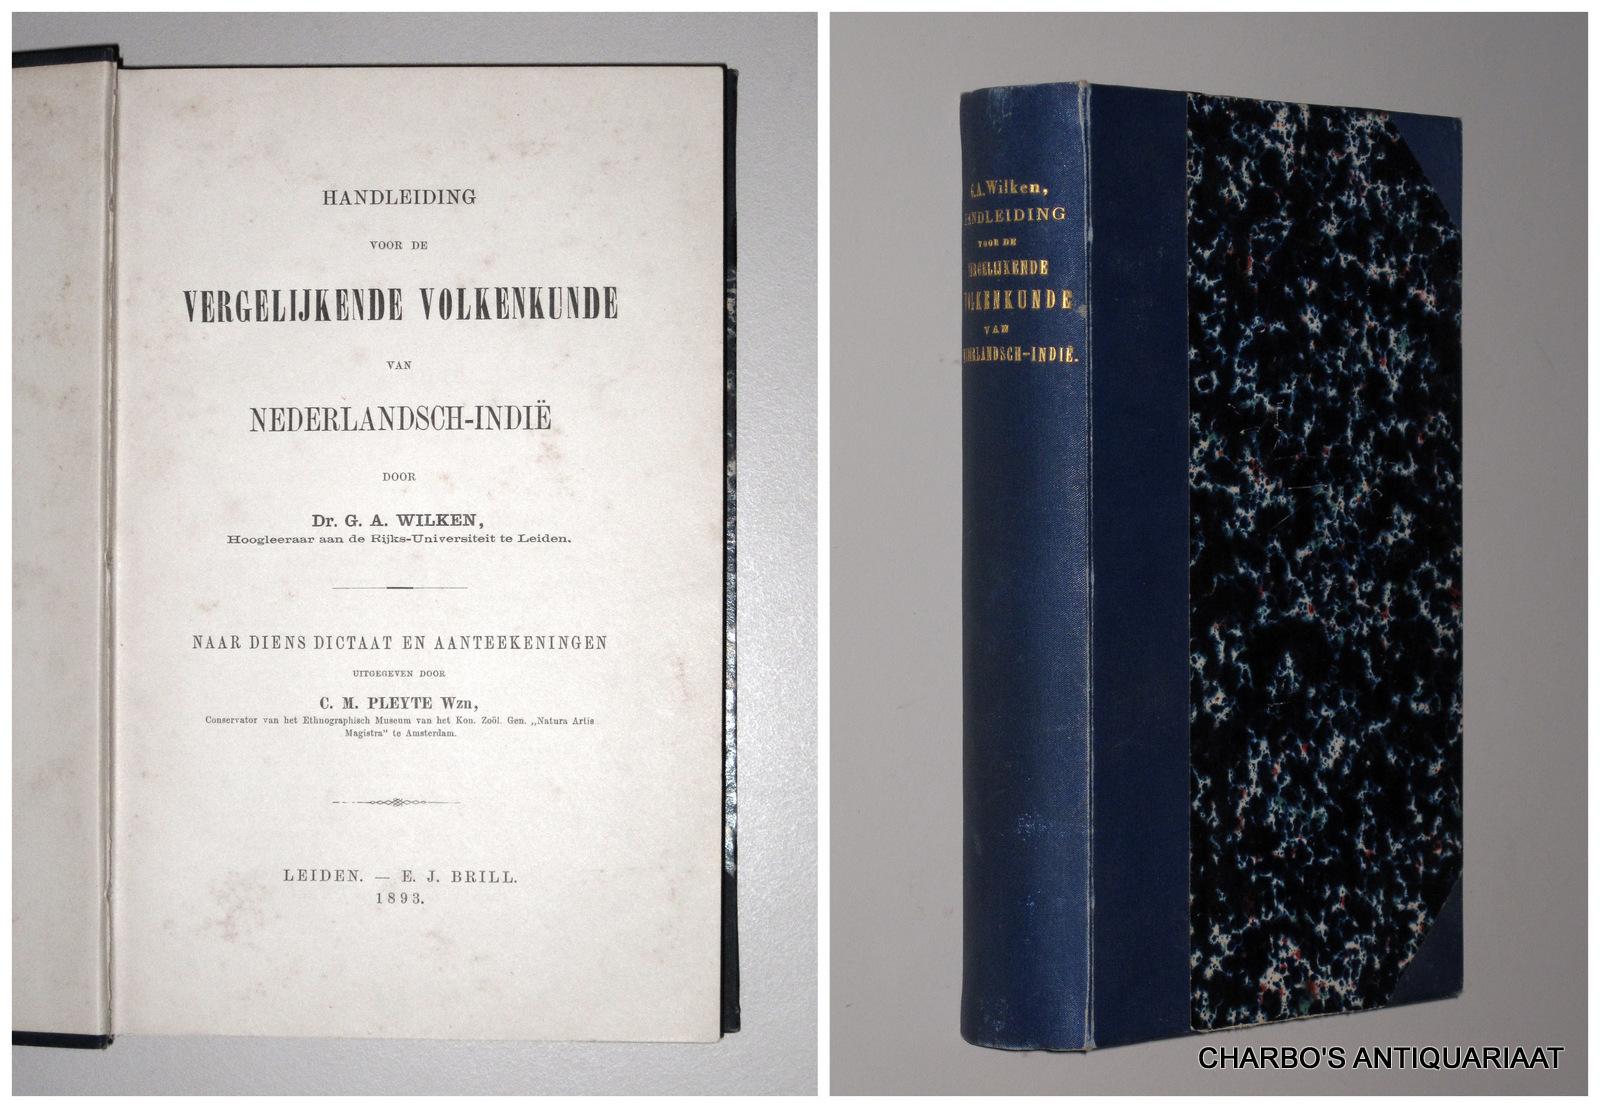 WILKEN, G.A., -  Handleiding voor de vergelijkende volkenkunde van Nederlandsch-Indië. Naar diens dictaat en aanteekeningen uitgegeven door C.M.Pleyte.